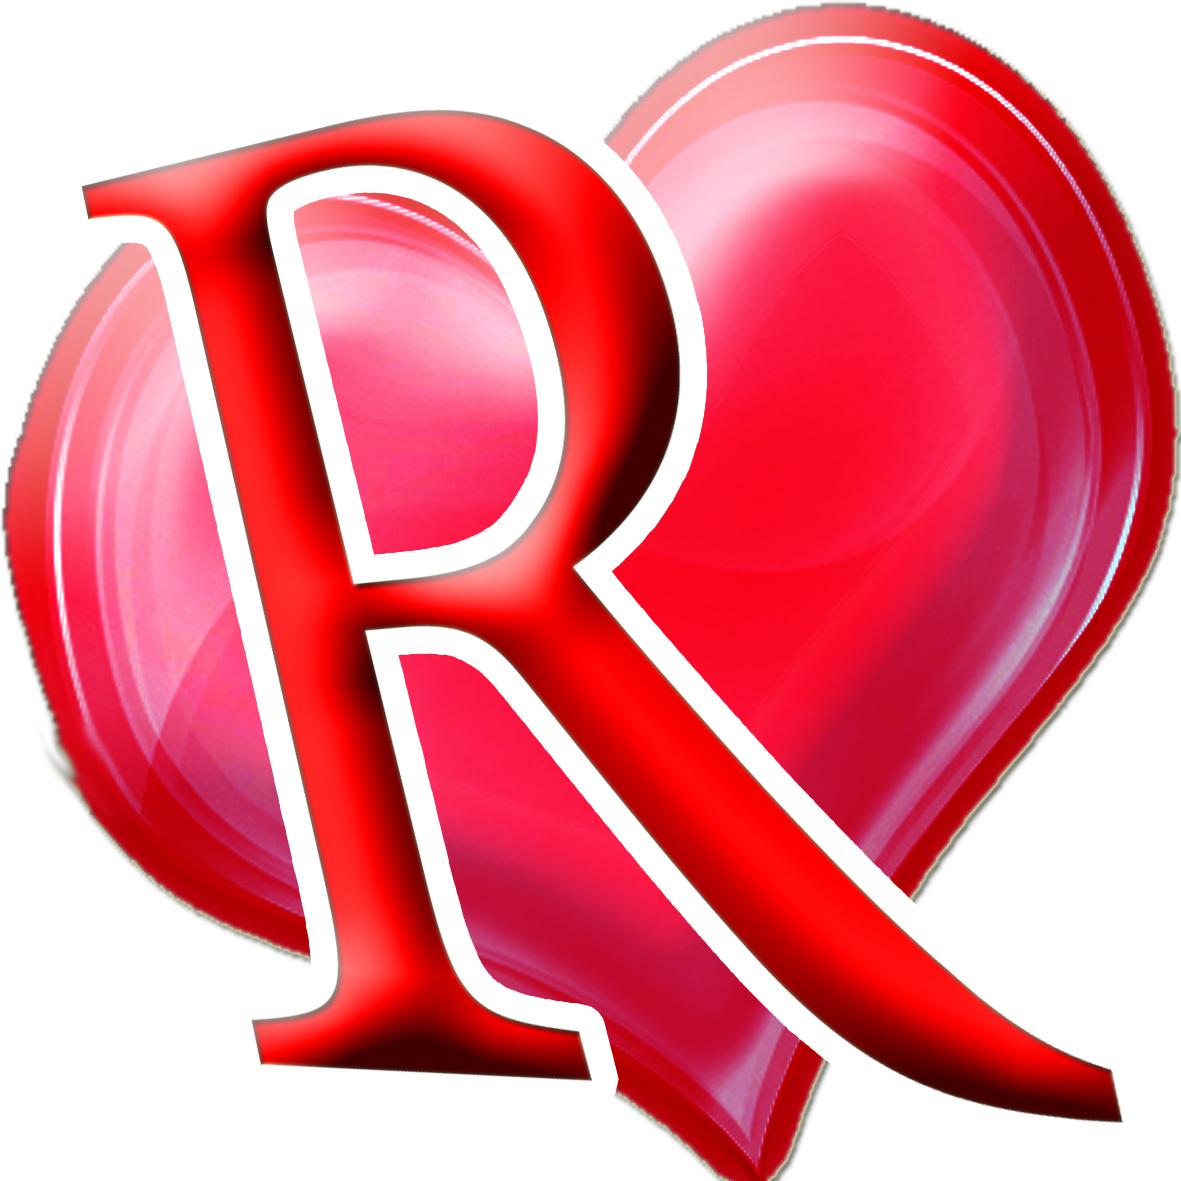 بالصور صور حرف r , خلفيات موخرفة لحرف r 999 2